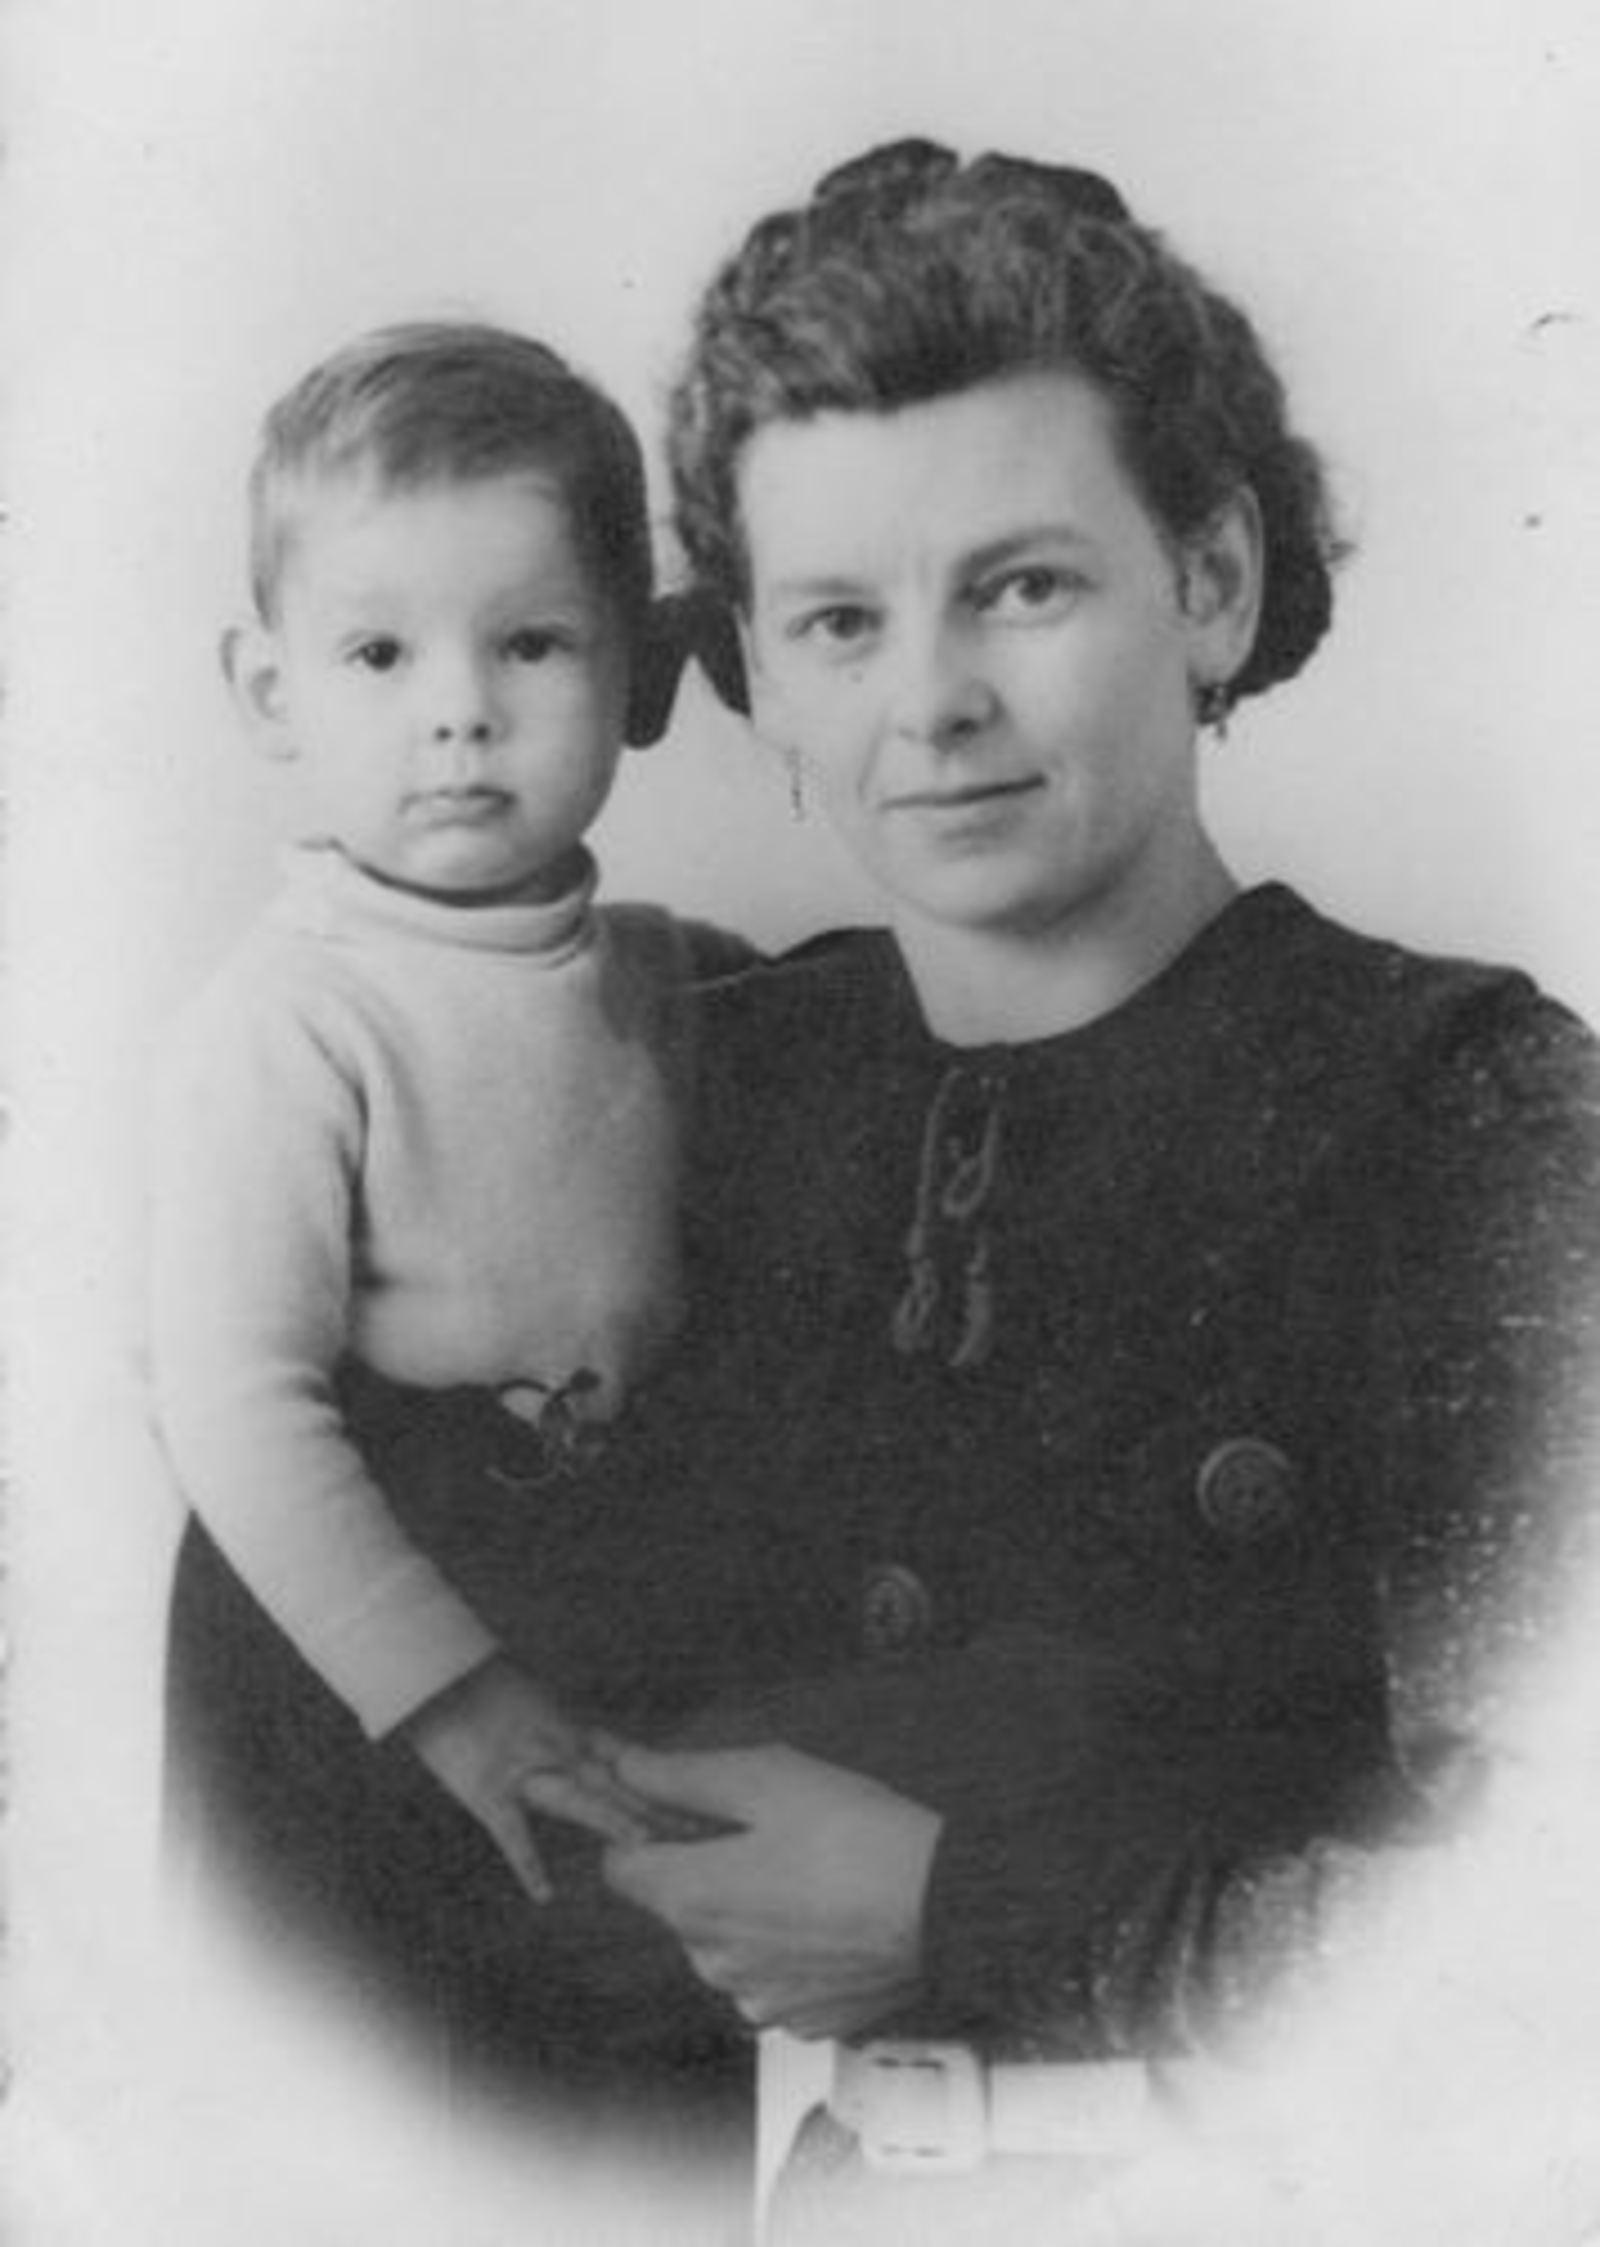 Koolbergen Aad 1941 1943± met moeder Tinie bij de Fotograaf